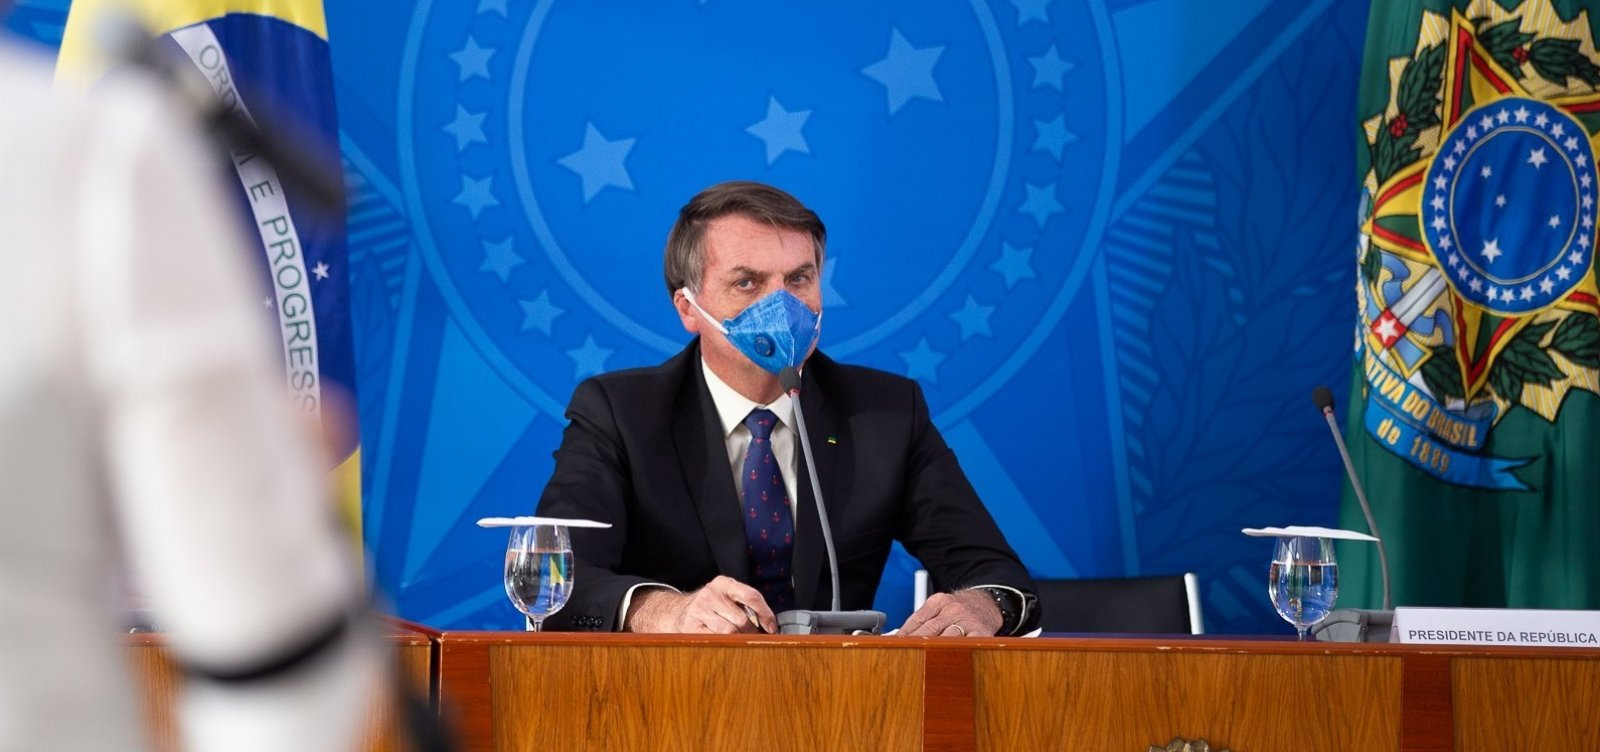 [Bolsonaro critica Facebook, fala em tributar redes sociais e diz que 'o certo' é tirar jornais de circulação]